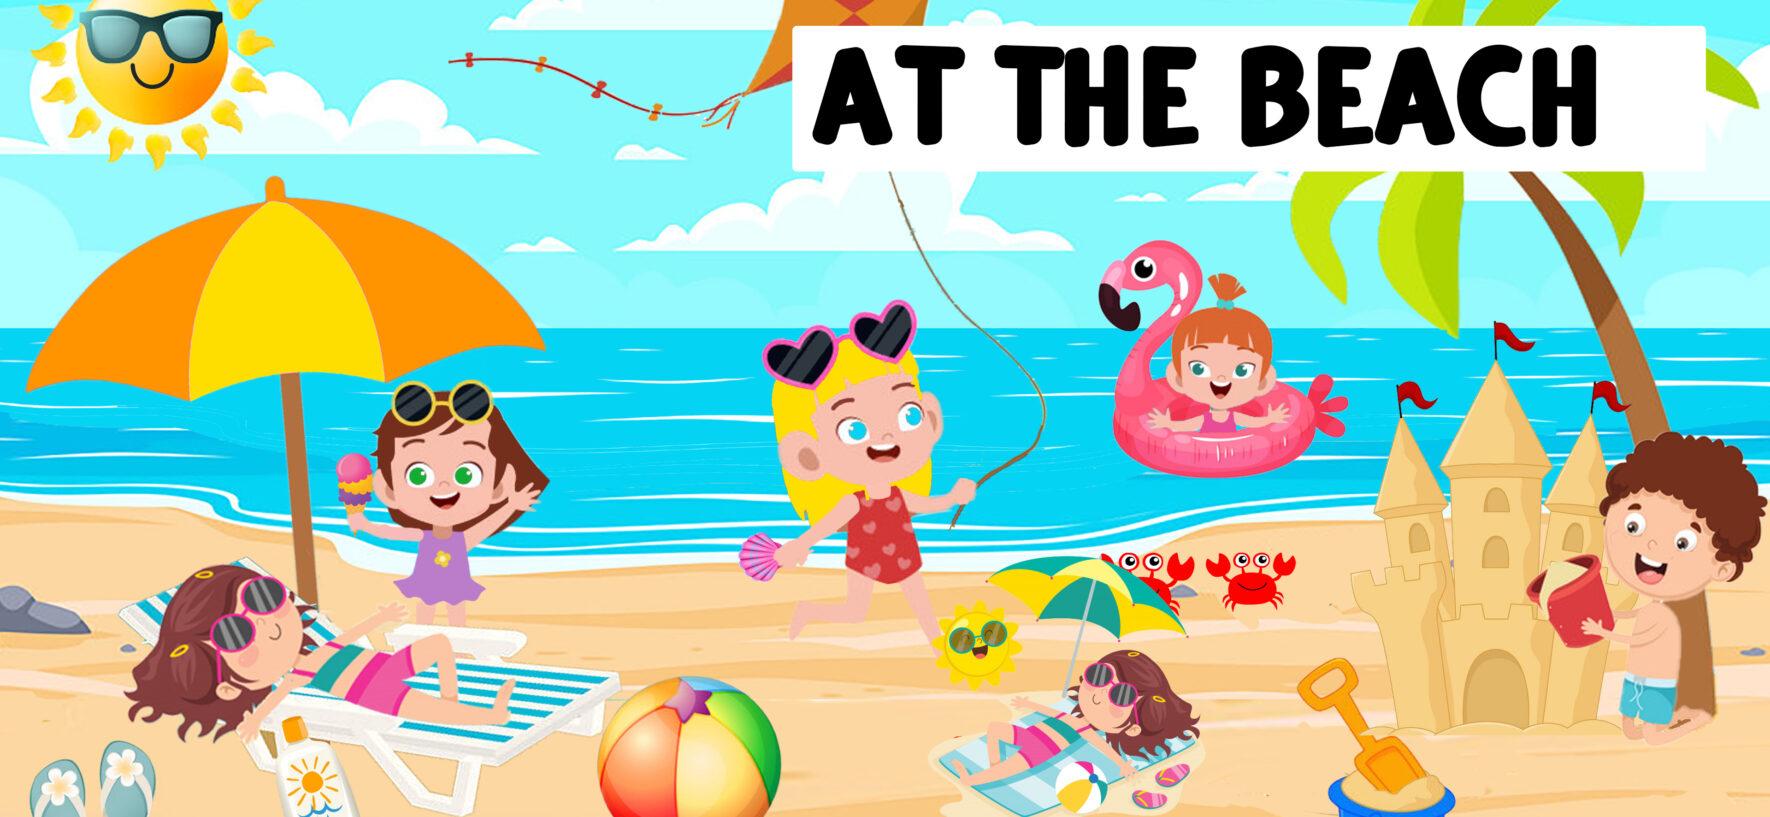 Andiamo in spiaggia!